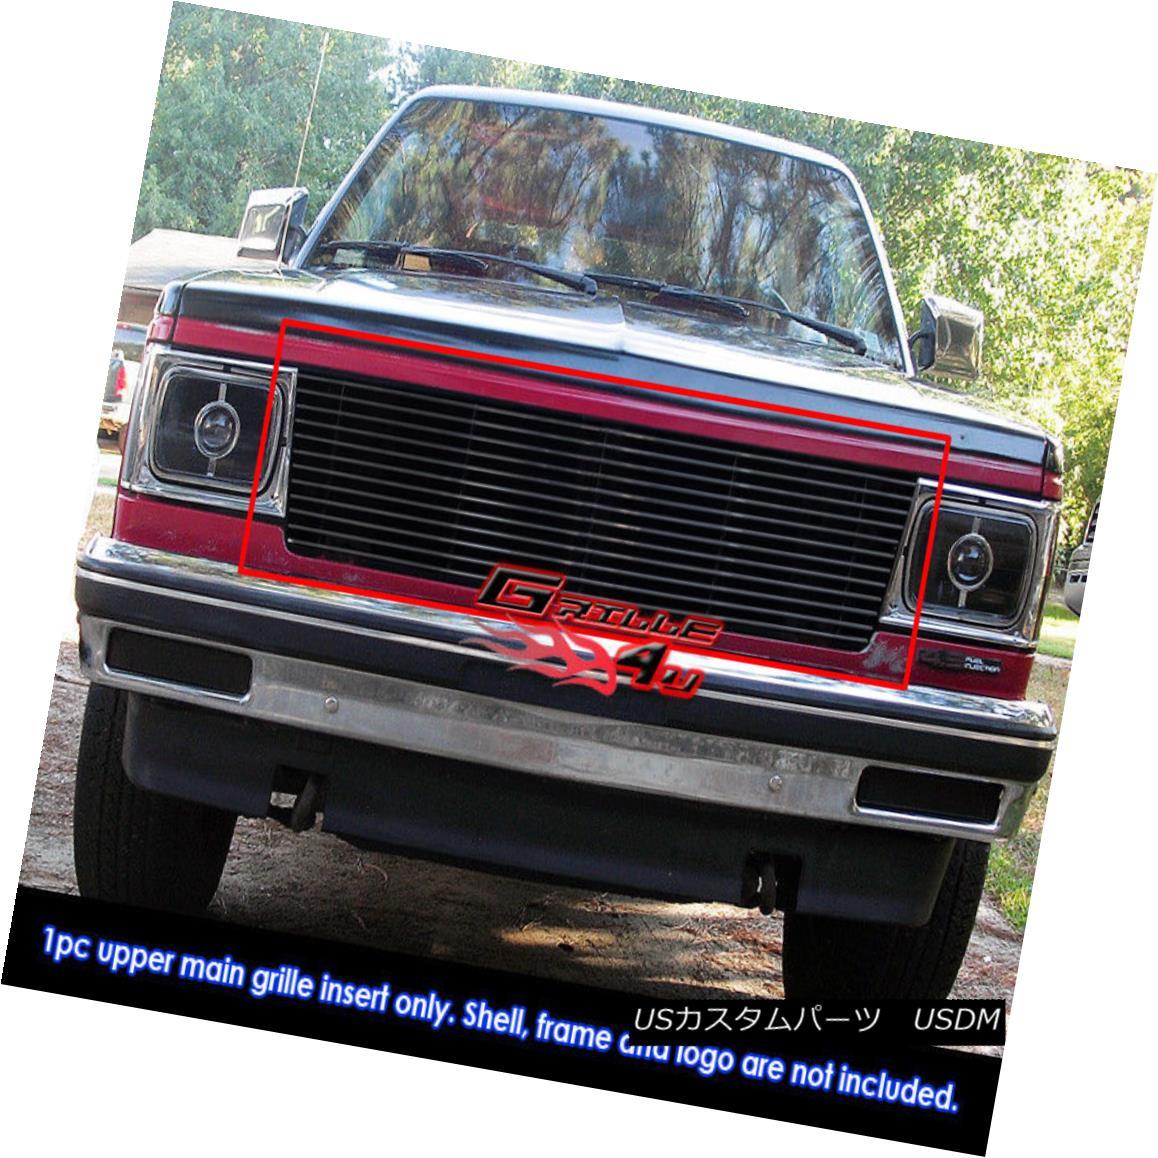 グリル Fits 82-90 Chevy S-10 Pickup/Blazer/S-15/Jimmy Black Billet Grille Insert フィット82-90シボレーS-10ピックアップ/ブレザー/ S-15 /ジミーブラックビレットグリルインサート